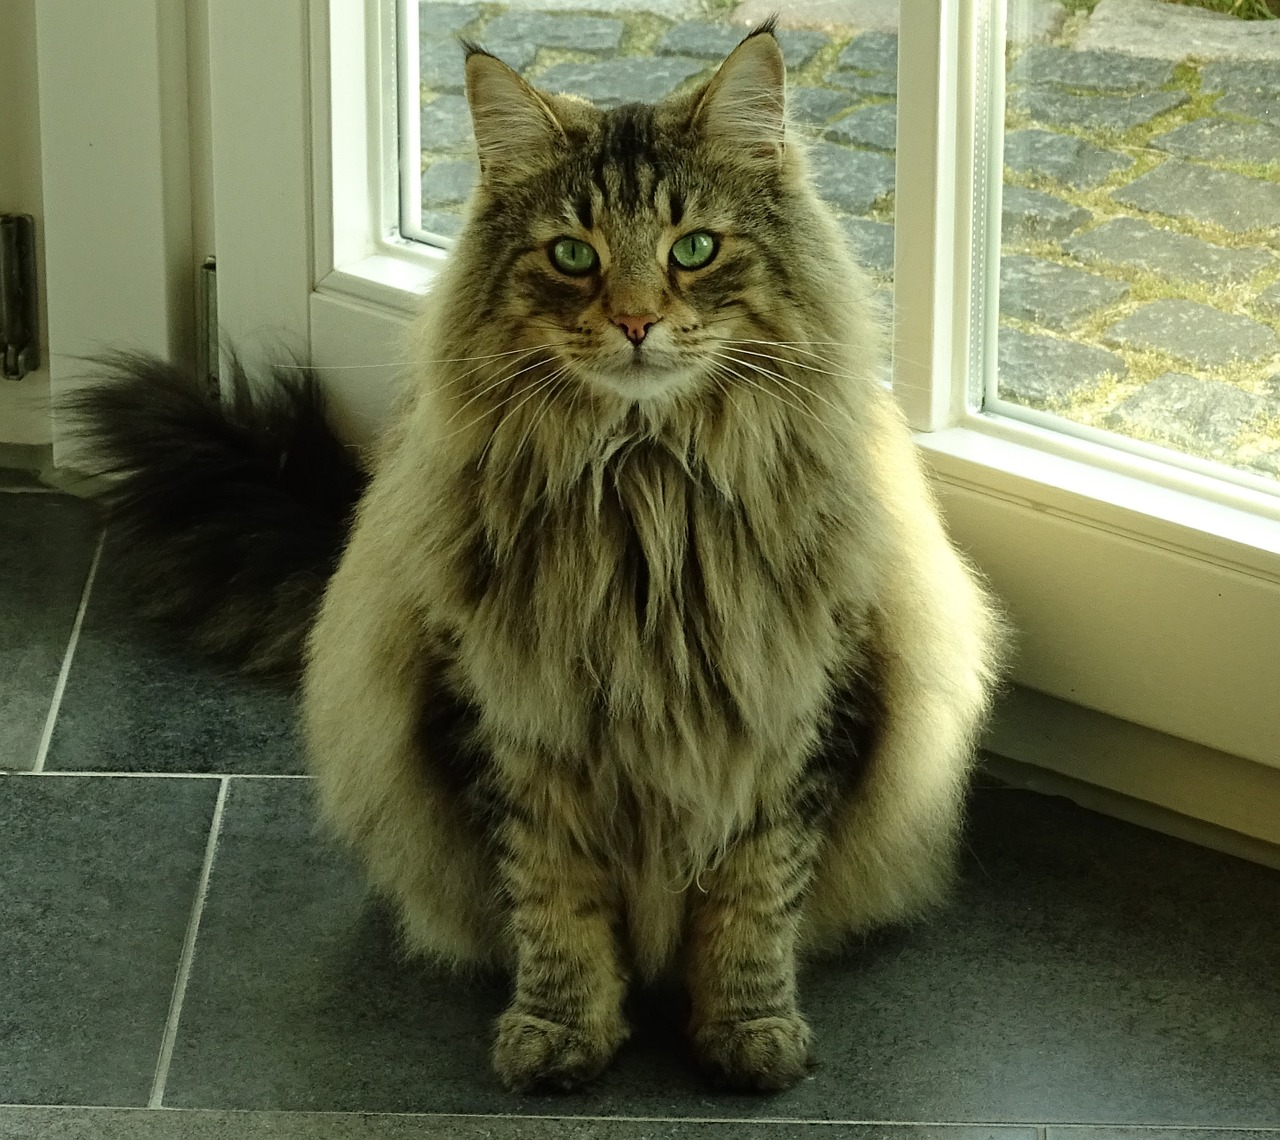 El Impresionante Gato De Los Bosques De Noruega Y Su Enorme Parecido Al Gigante